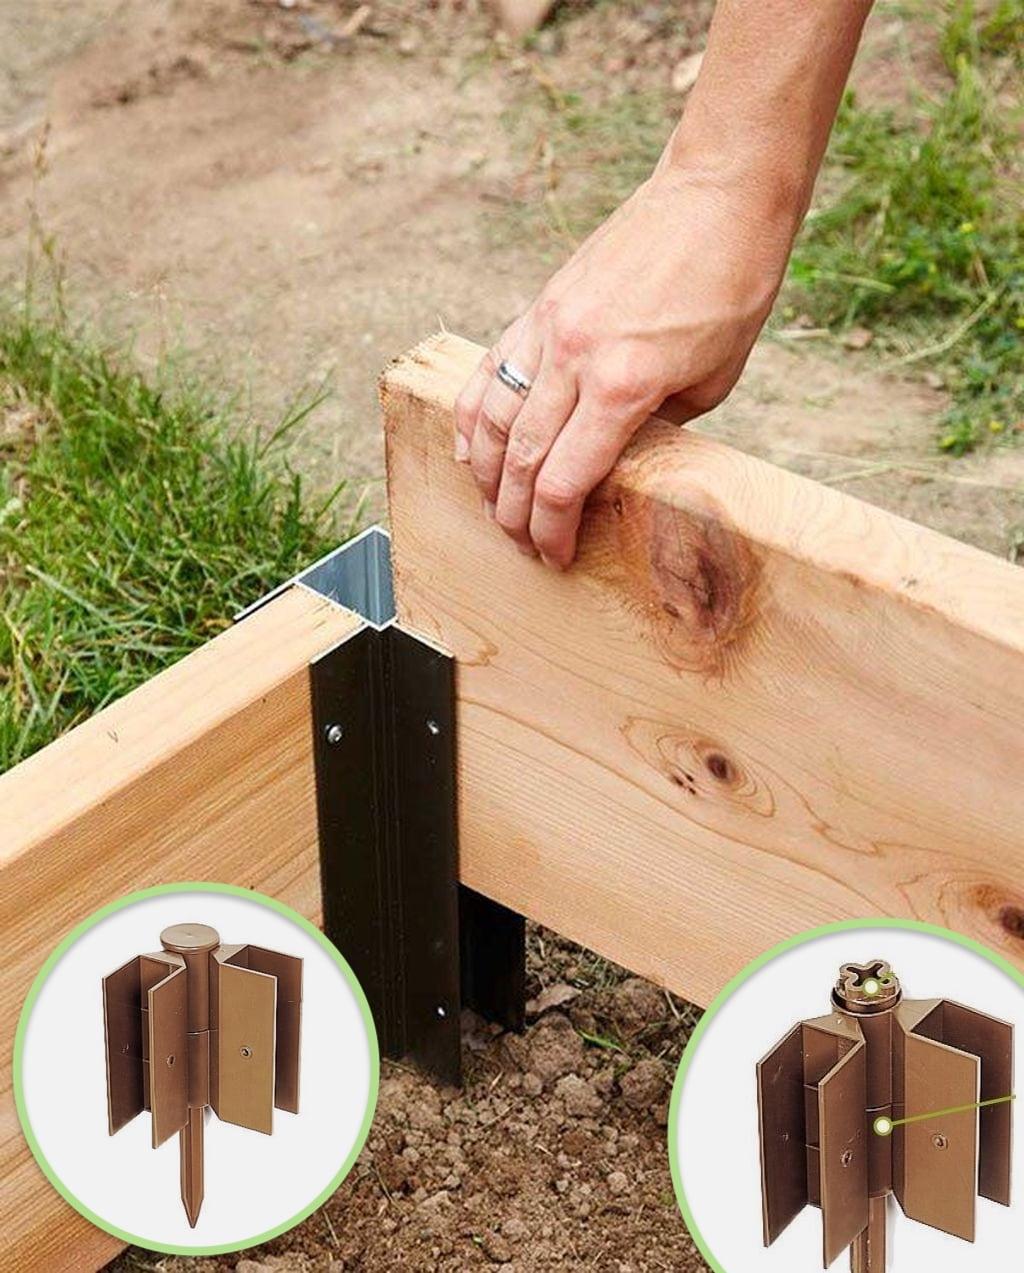 Смастерить из досок конструкцию, ограждающую клумбу – не составит никакого труда даже для начинающего плотника